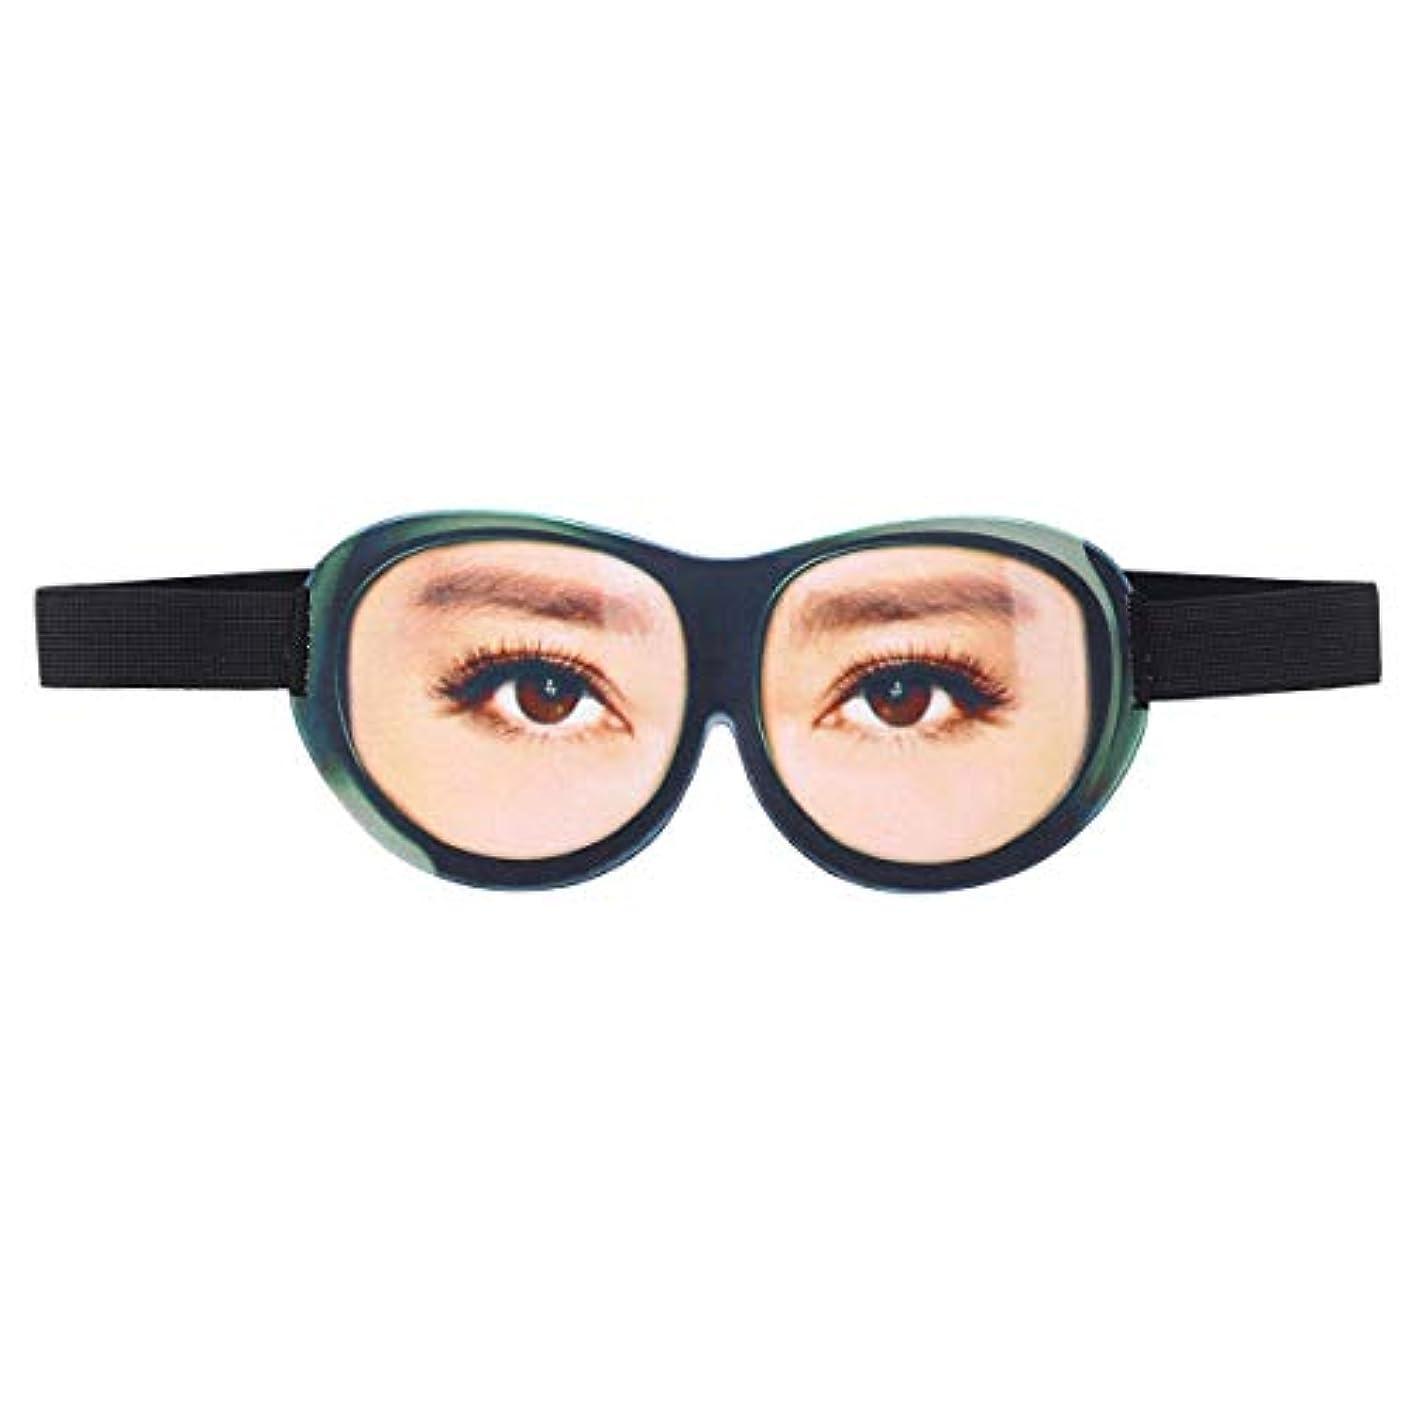 しつけ努力する不足SUPVOX 面白いアイシェード3Dスリープマスクブラインドパッチアイマスク目隠し